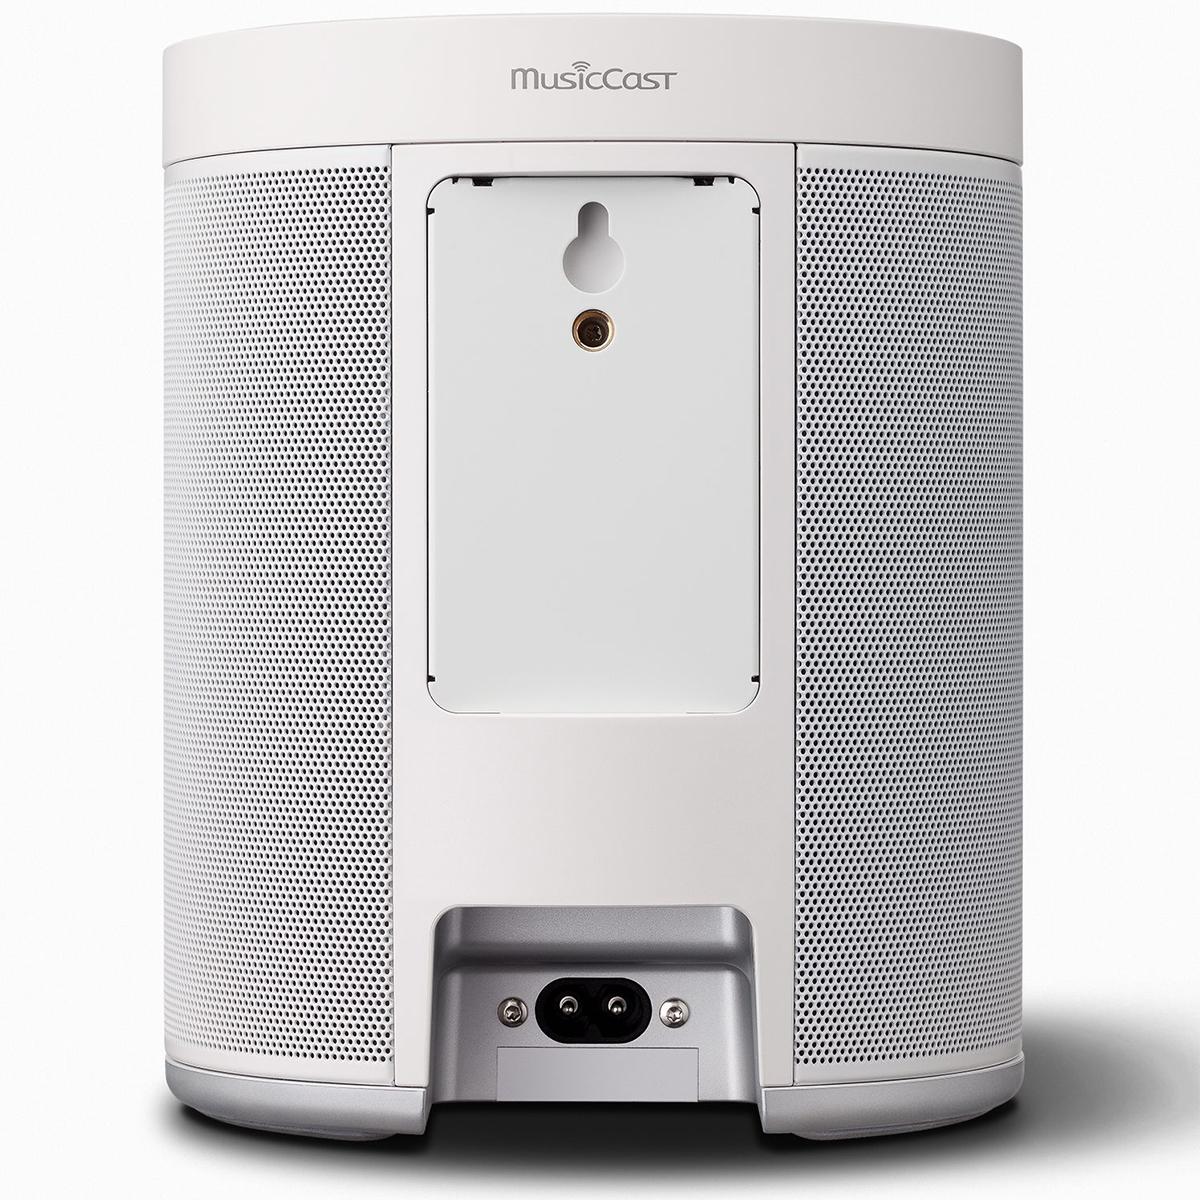 Loa Bluetooth Yamaha MusicCast 20 (WX-021) - Hàng Chính Hãng